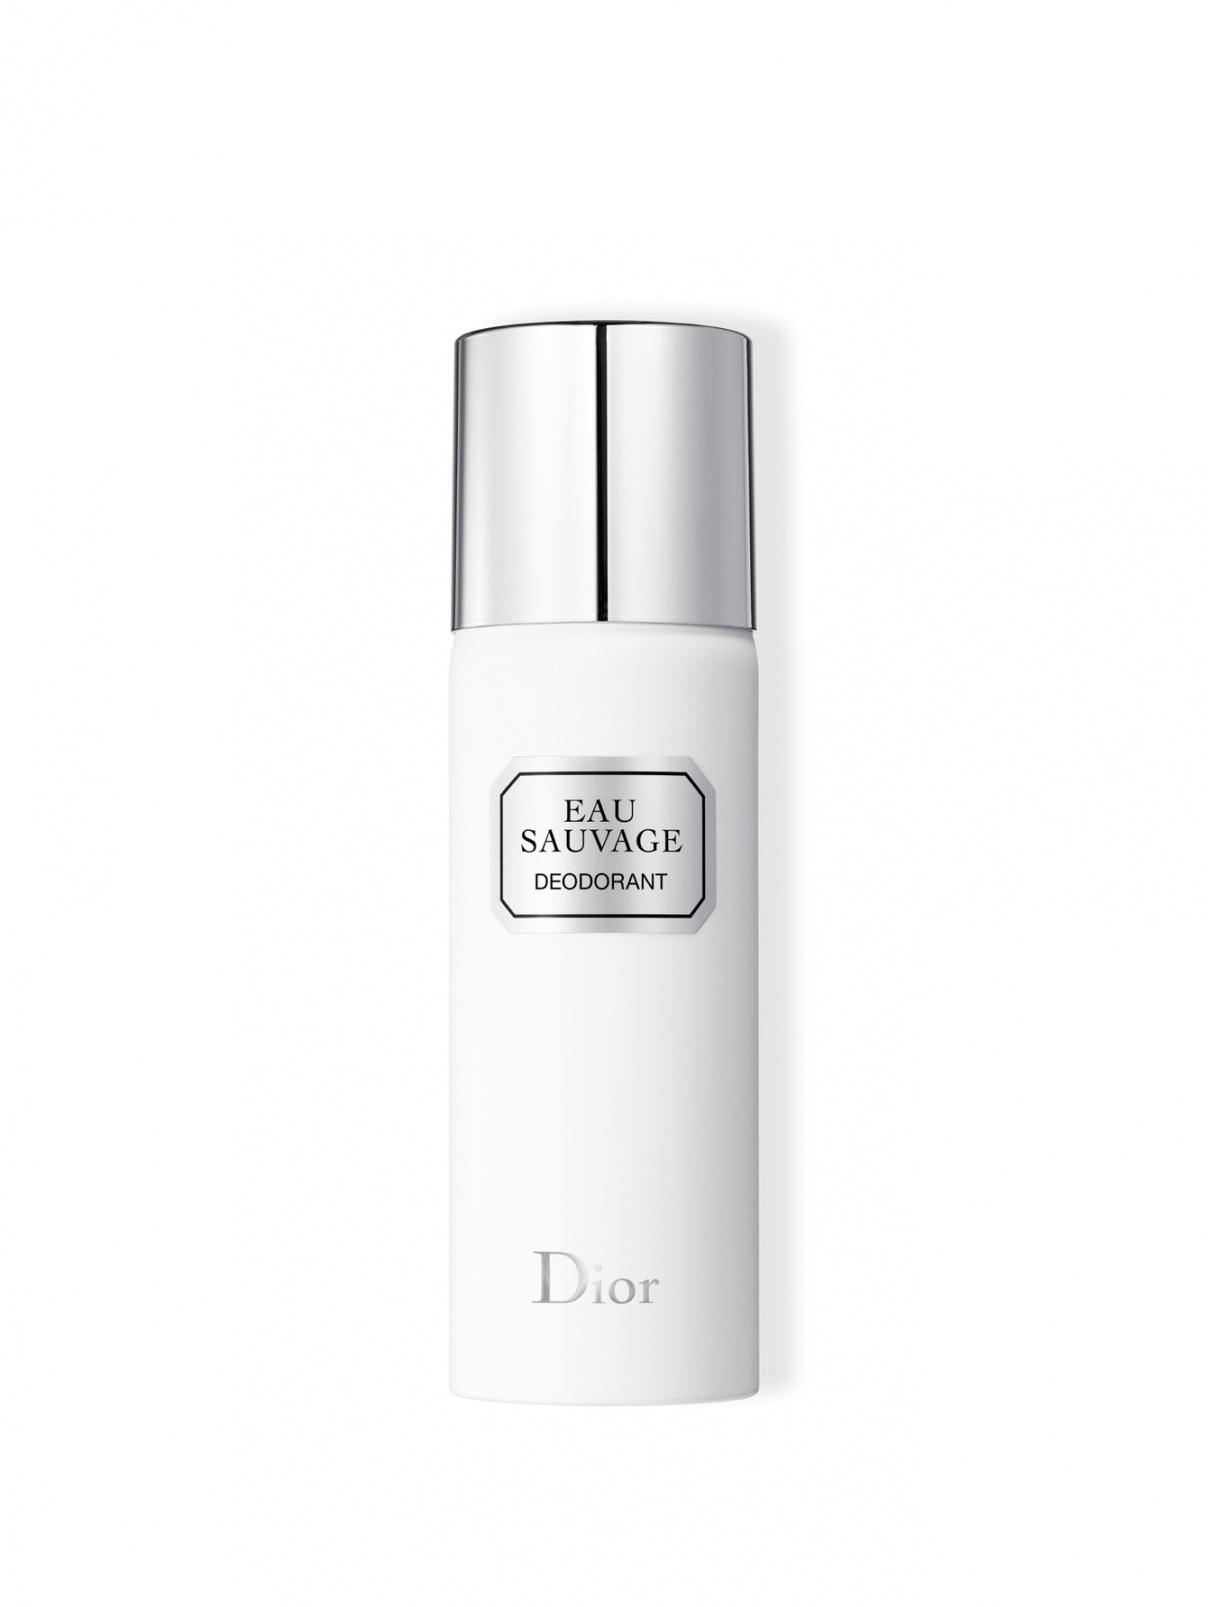 Дезодорант - Eau Sauvage, 75ml Christian Dior  –  Общий вид